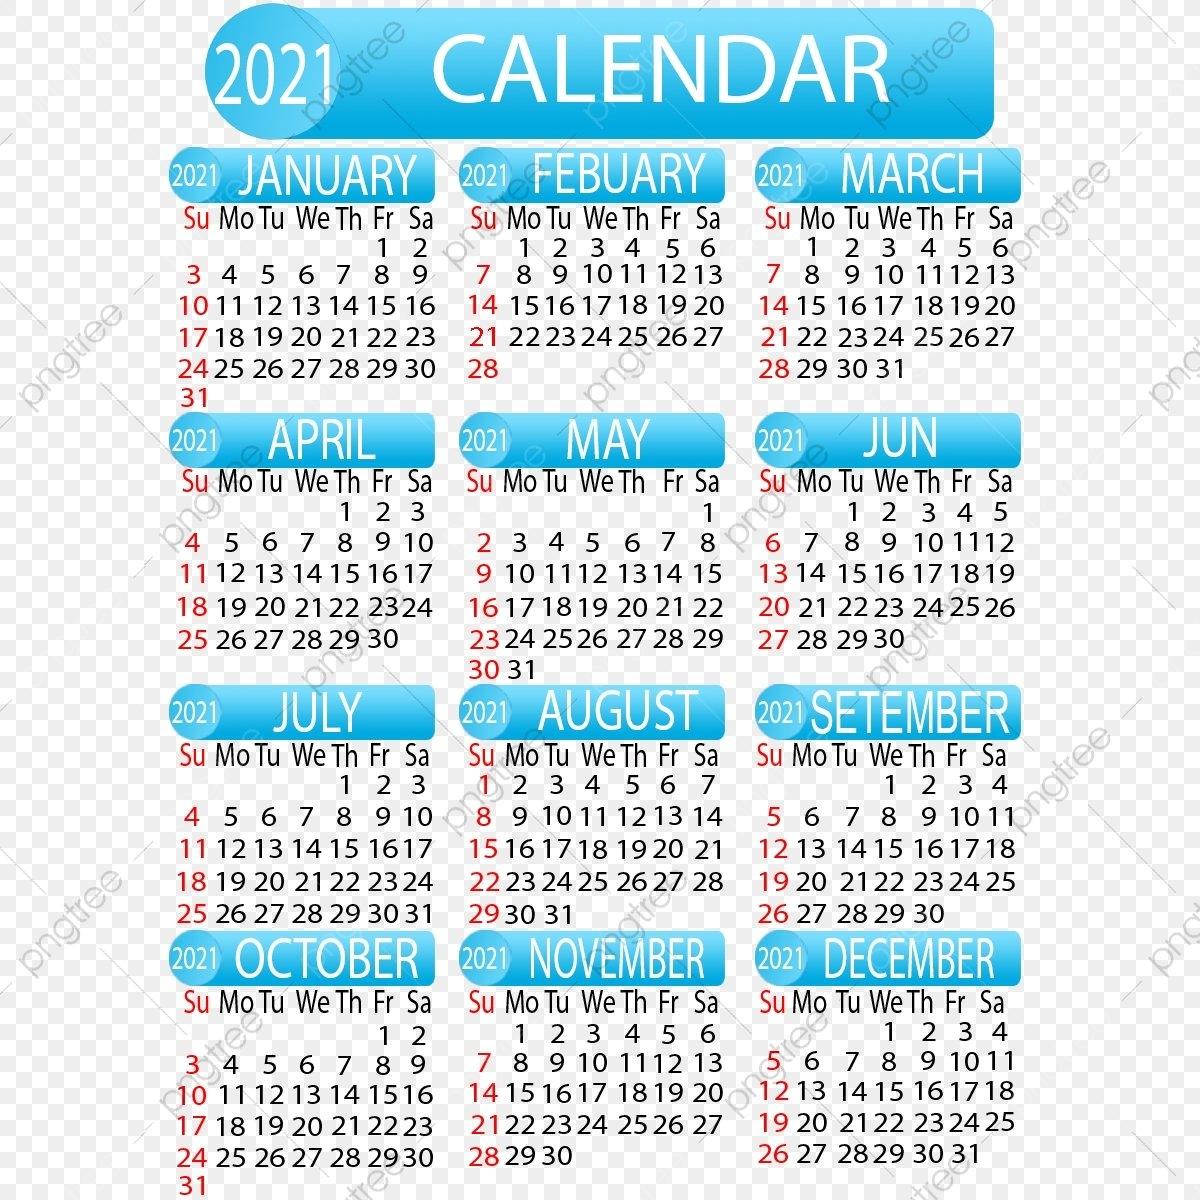 Islamic Date Calendar 2021 | 2021 Calendar in Pakistan 2021 Photo Calendar